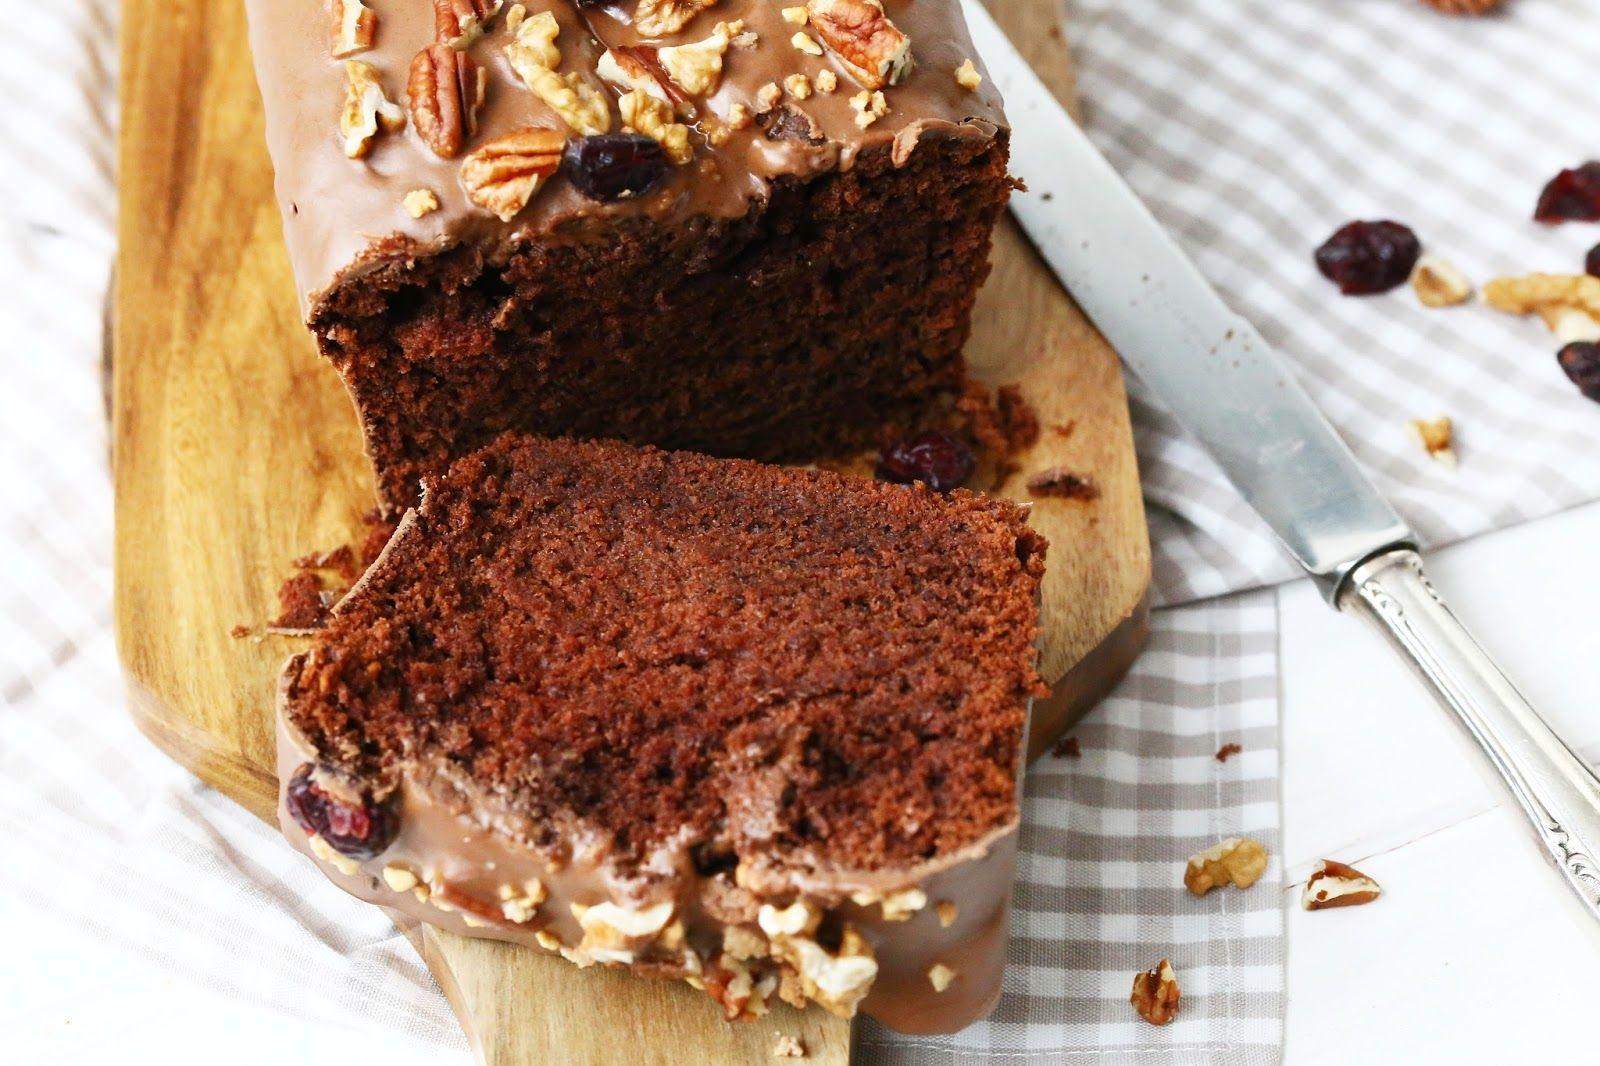 schoko bananen kuchen mit cranberry nuss topping food sweet bakery schoko bananen kuchen. Black Bedroom Furniture Sets. Home Design Ideas